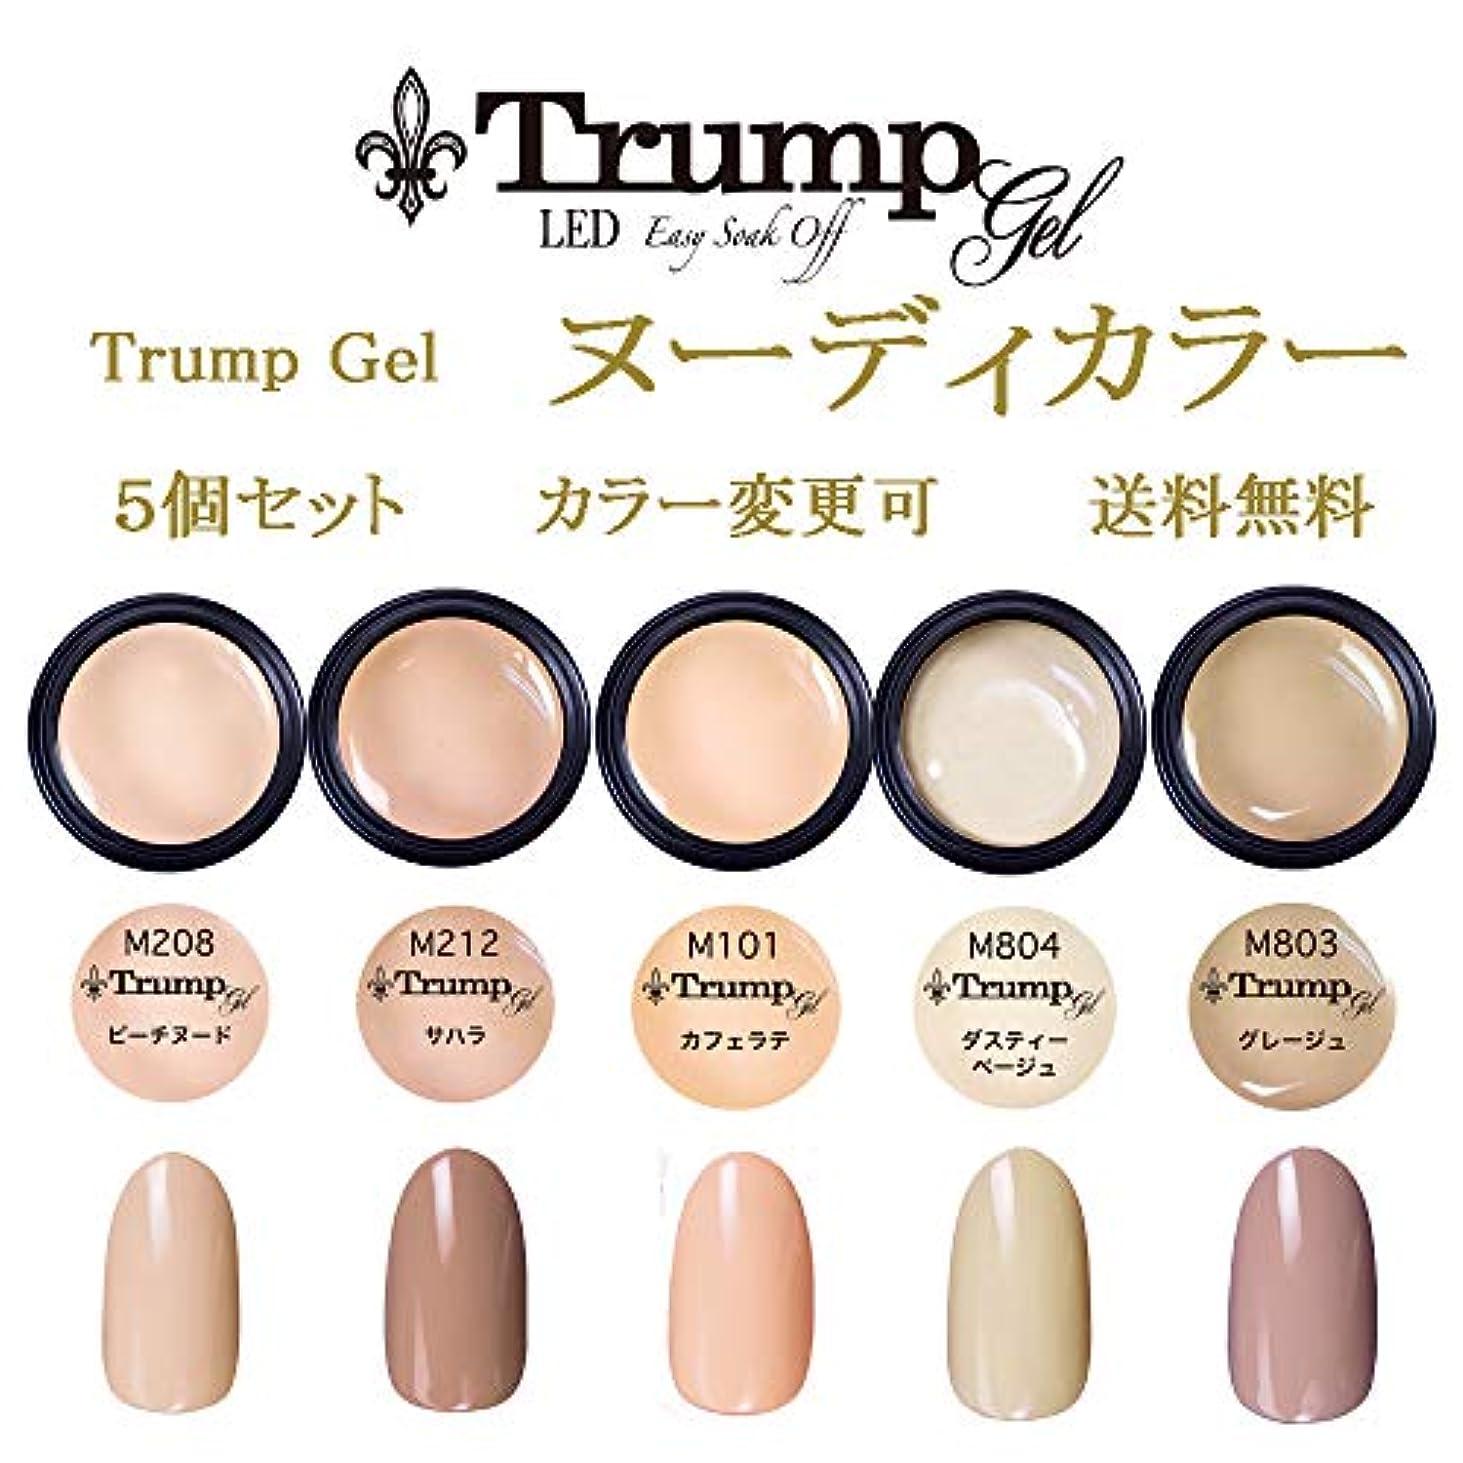 積分可愛い特異性日本製 Trump gel トランプジェル ヌーディカラー 選べる カラージェル 5個セット ベージュ ブラウン ピンク